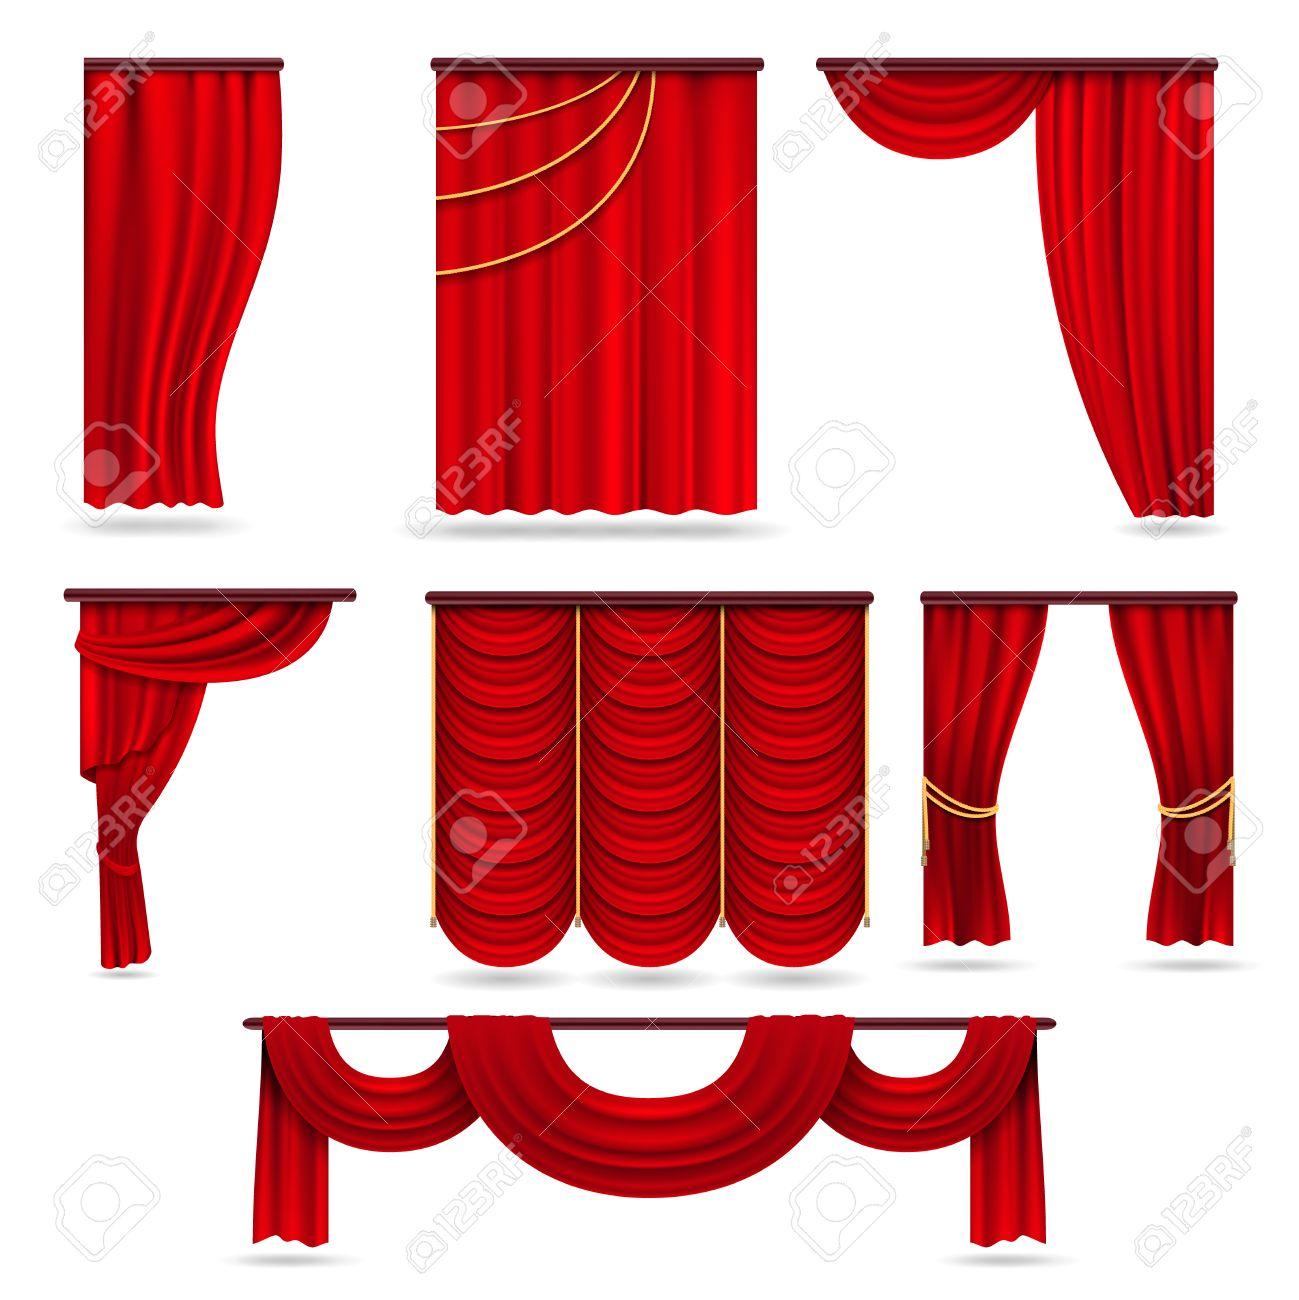 Rideaux De Scène De Velours Rouge Draperies De Théâtre écarlate